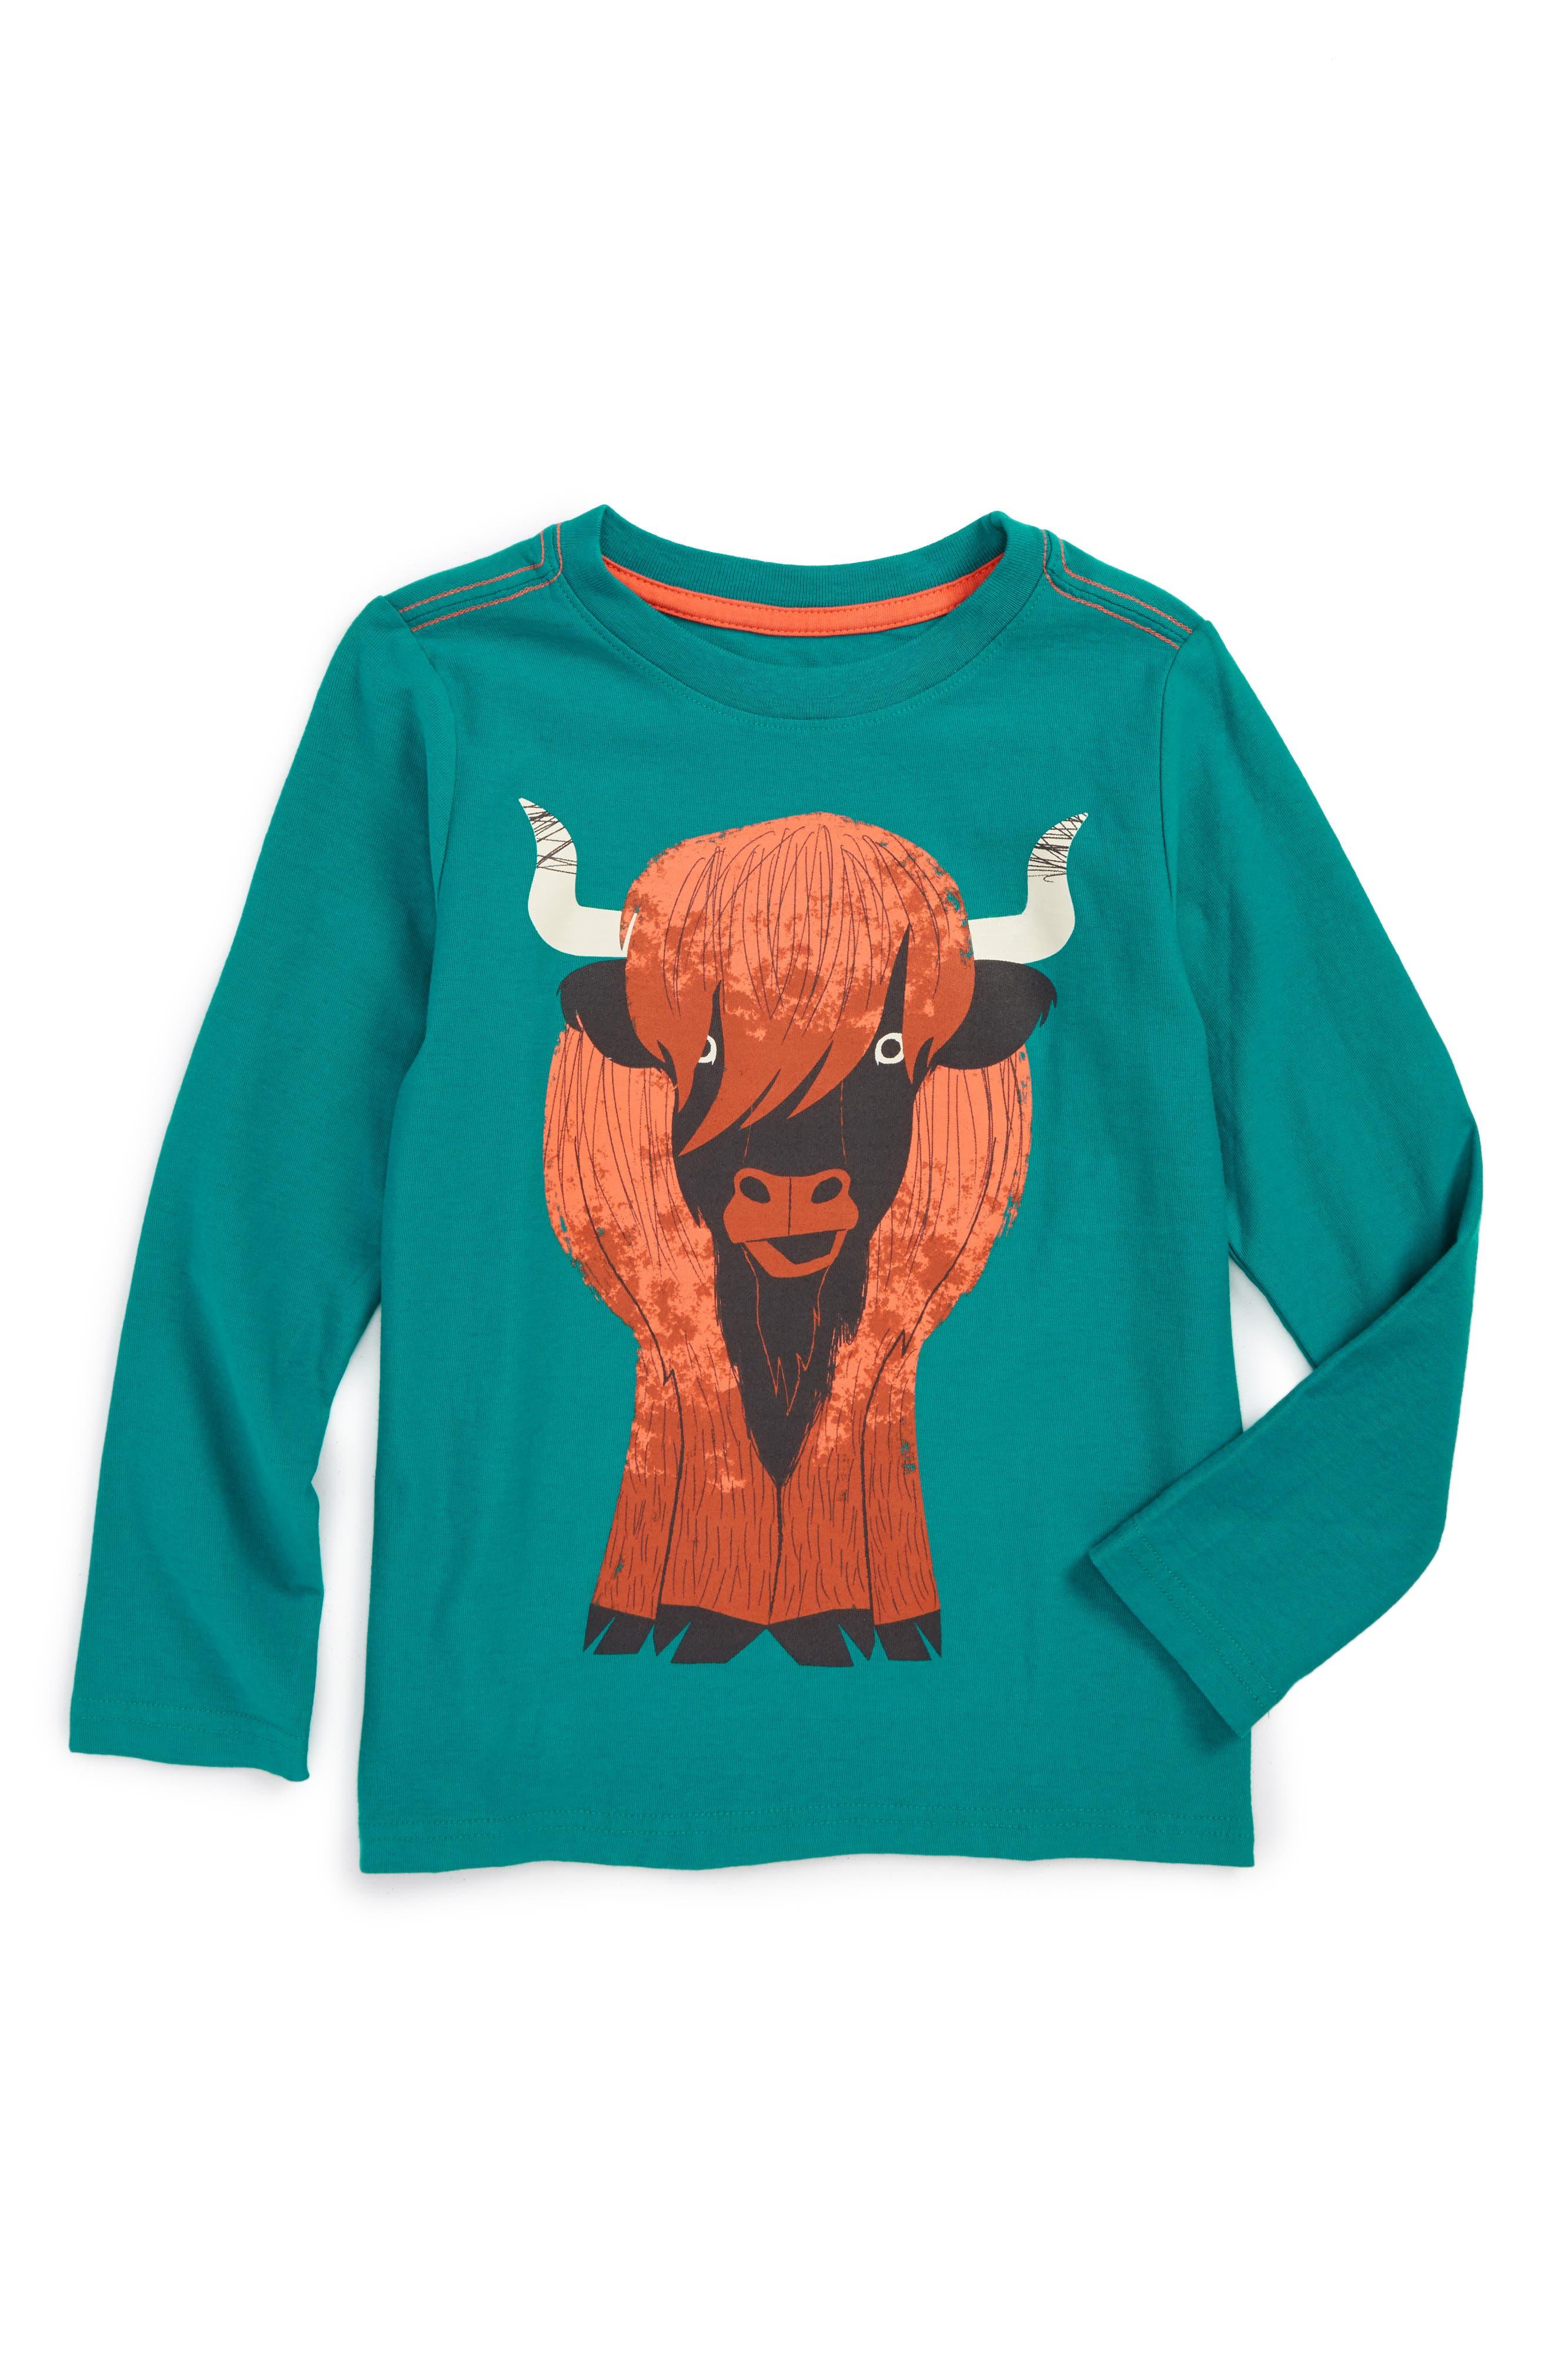 Heeland Coo Graphic T-Shirt,                             Main thumbnail 1, color,                             440